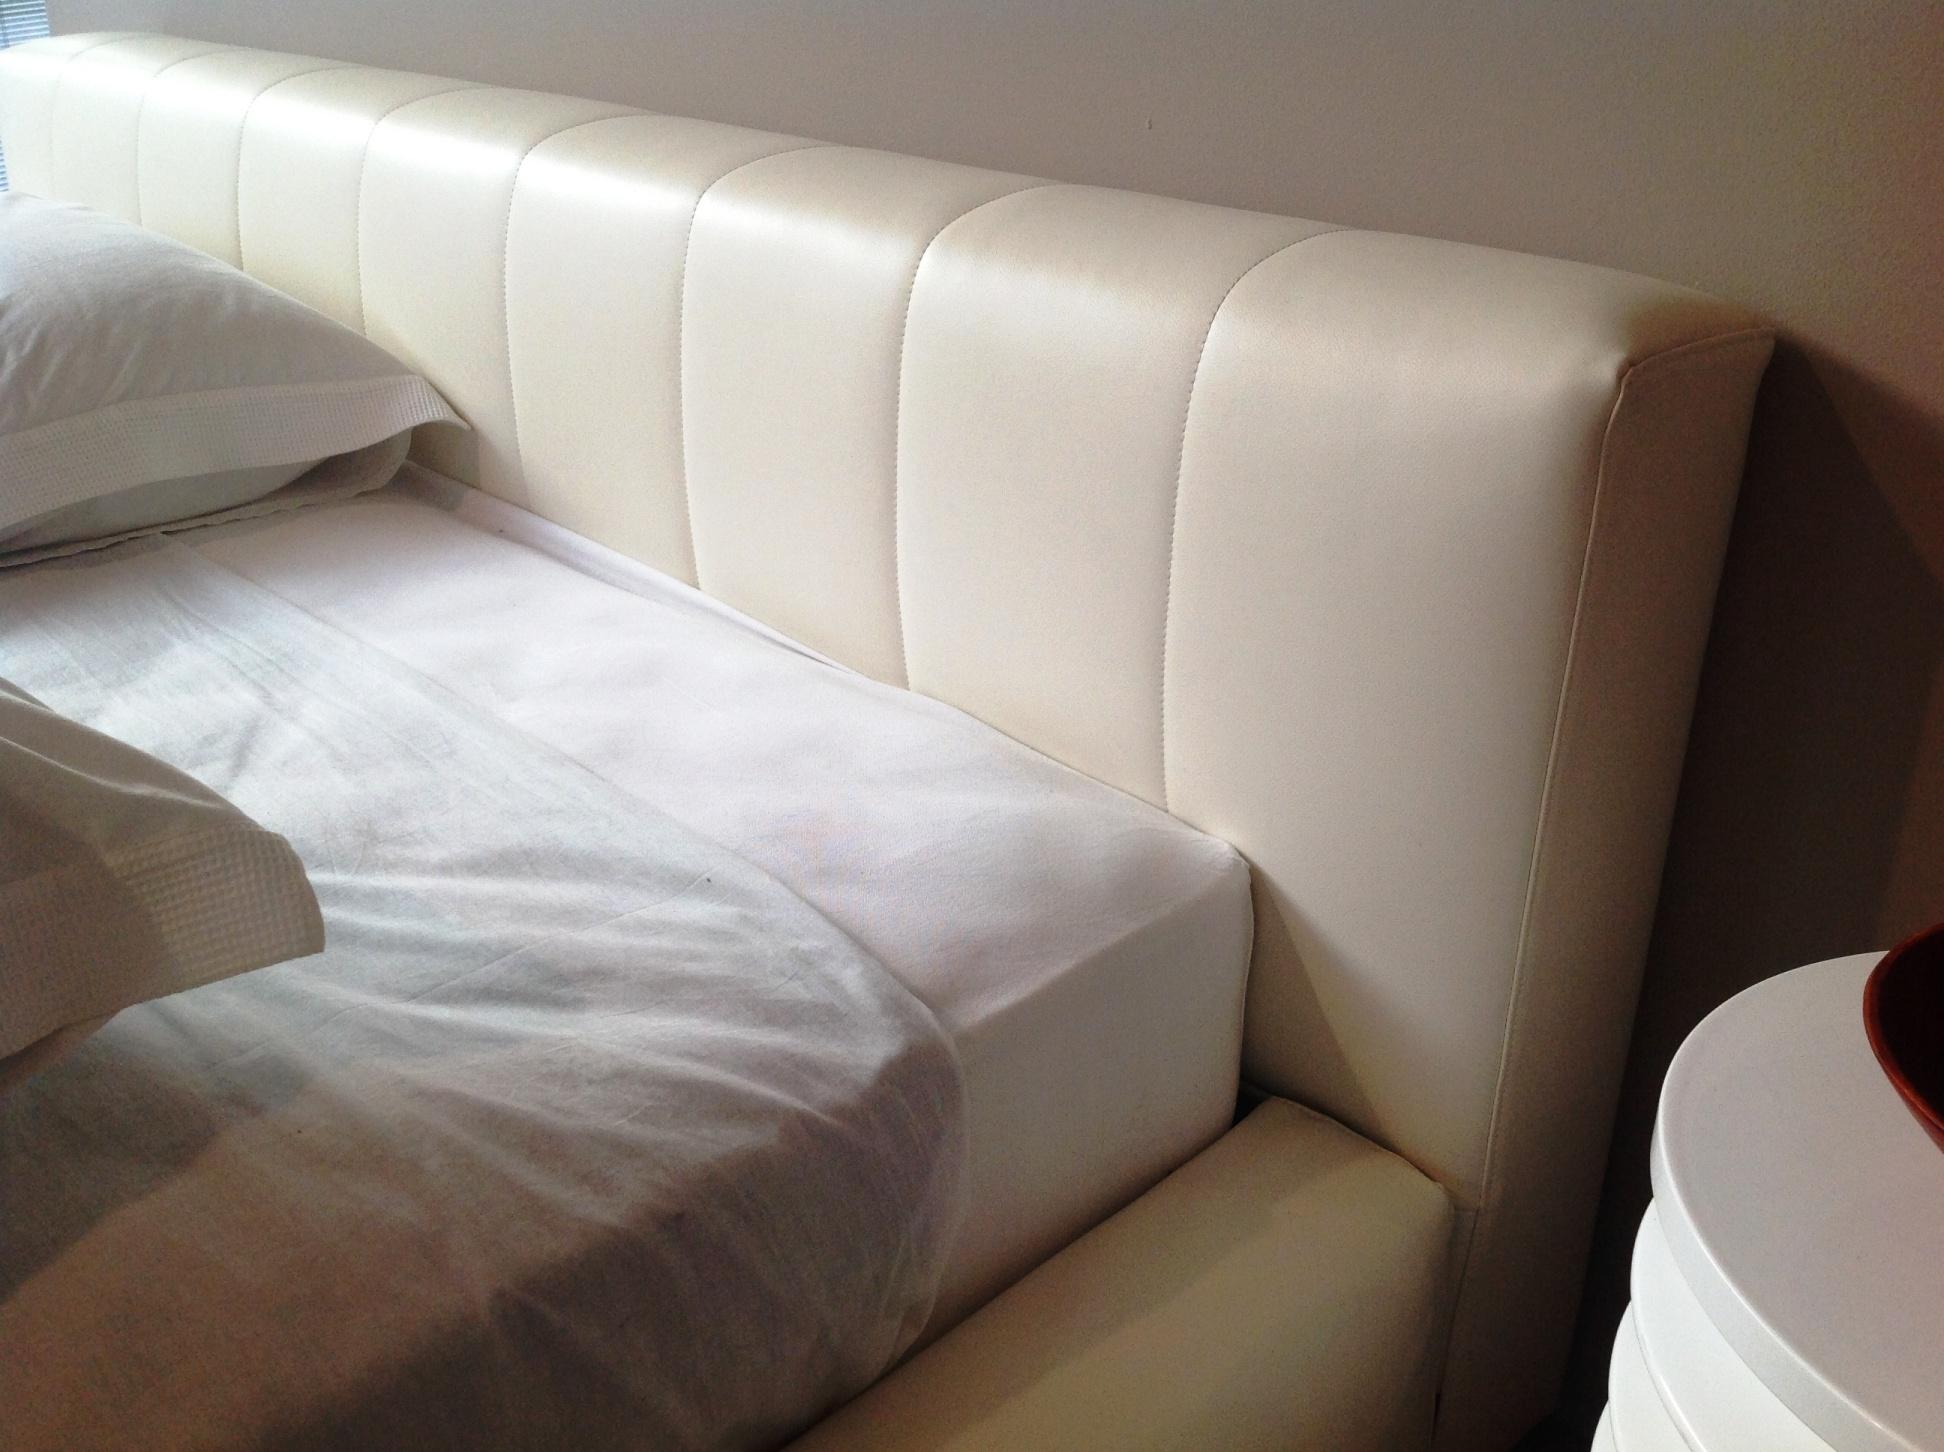 Letto harvest di cinova con rivestimento in ecopelle bianca sfoderabile letti a prezzi scontati - Cinova divani letto ...